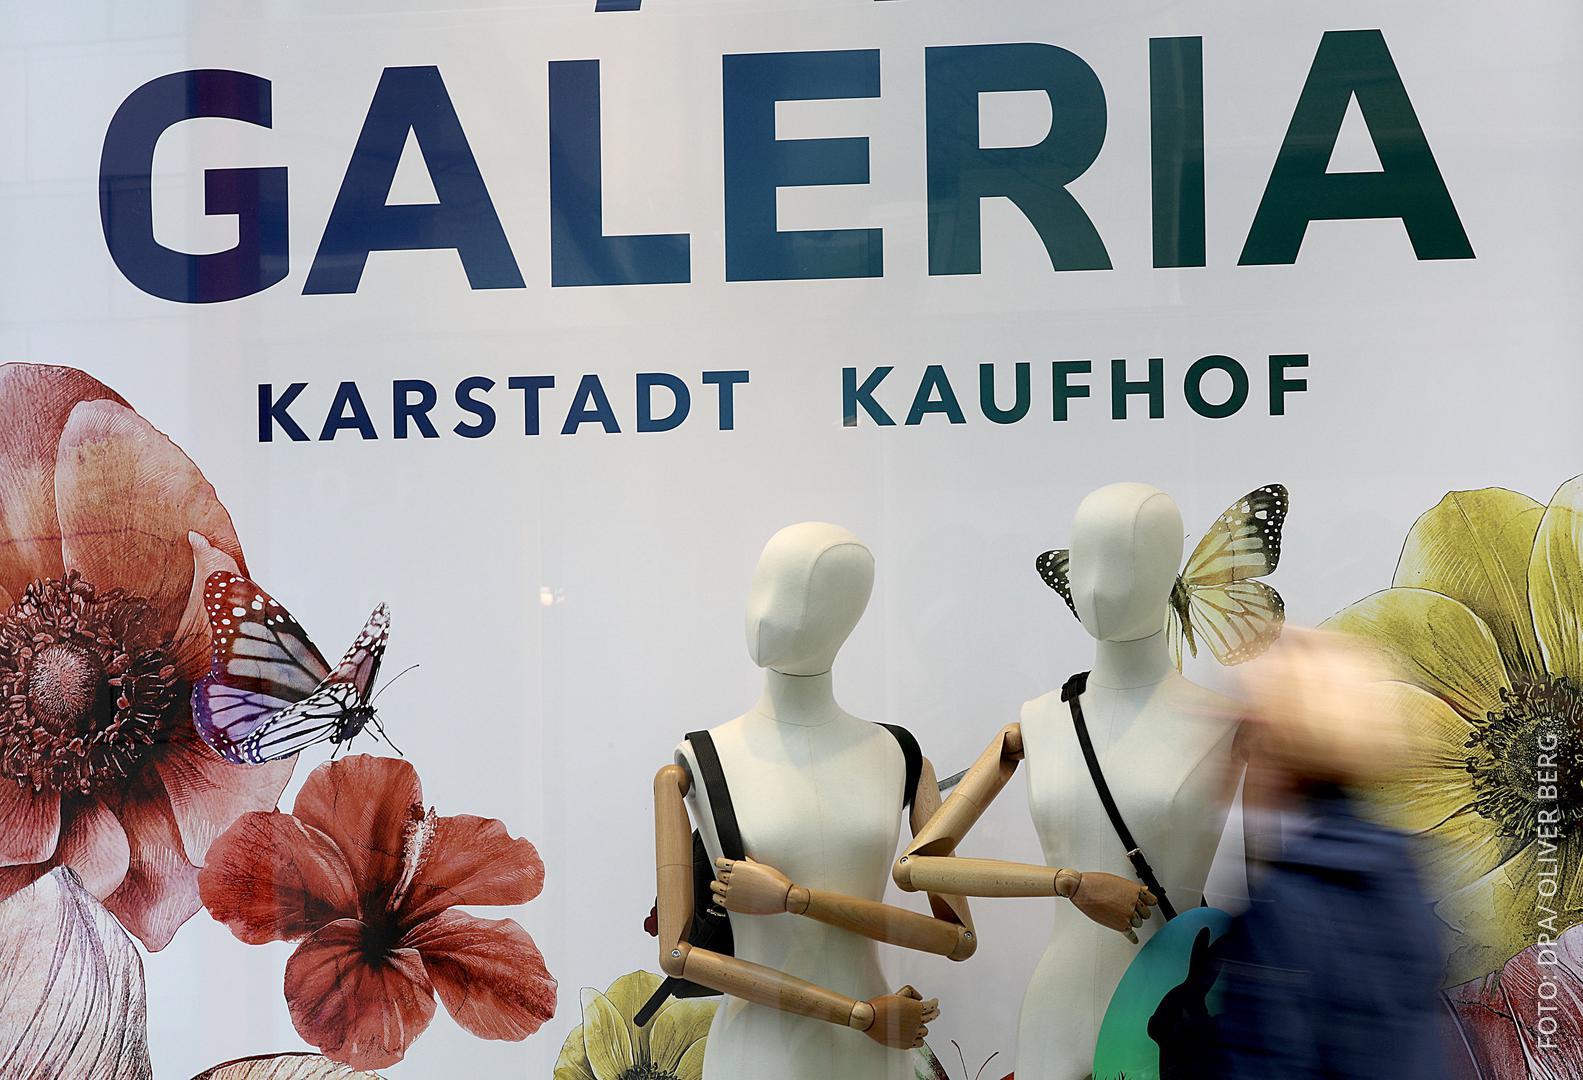 """Hausfassade einer Filiale mit der Aufschrift """"Galeria Kaufhof Karstadt""""."""